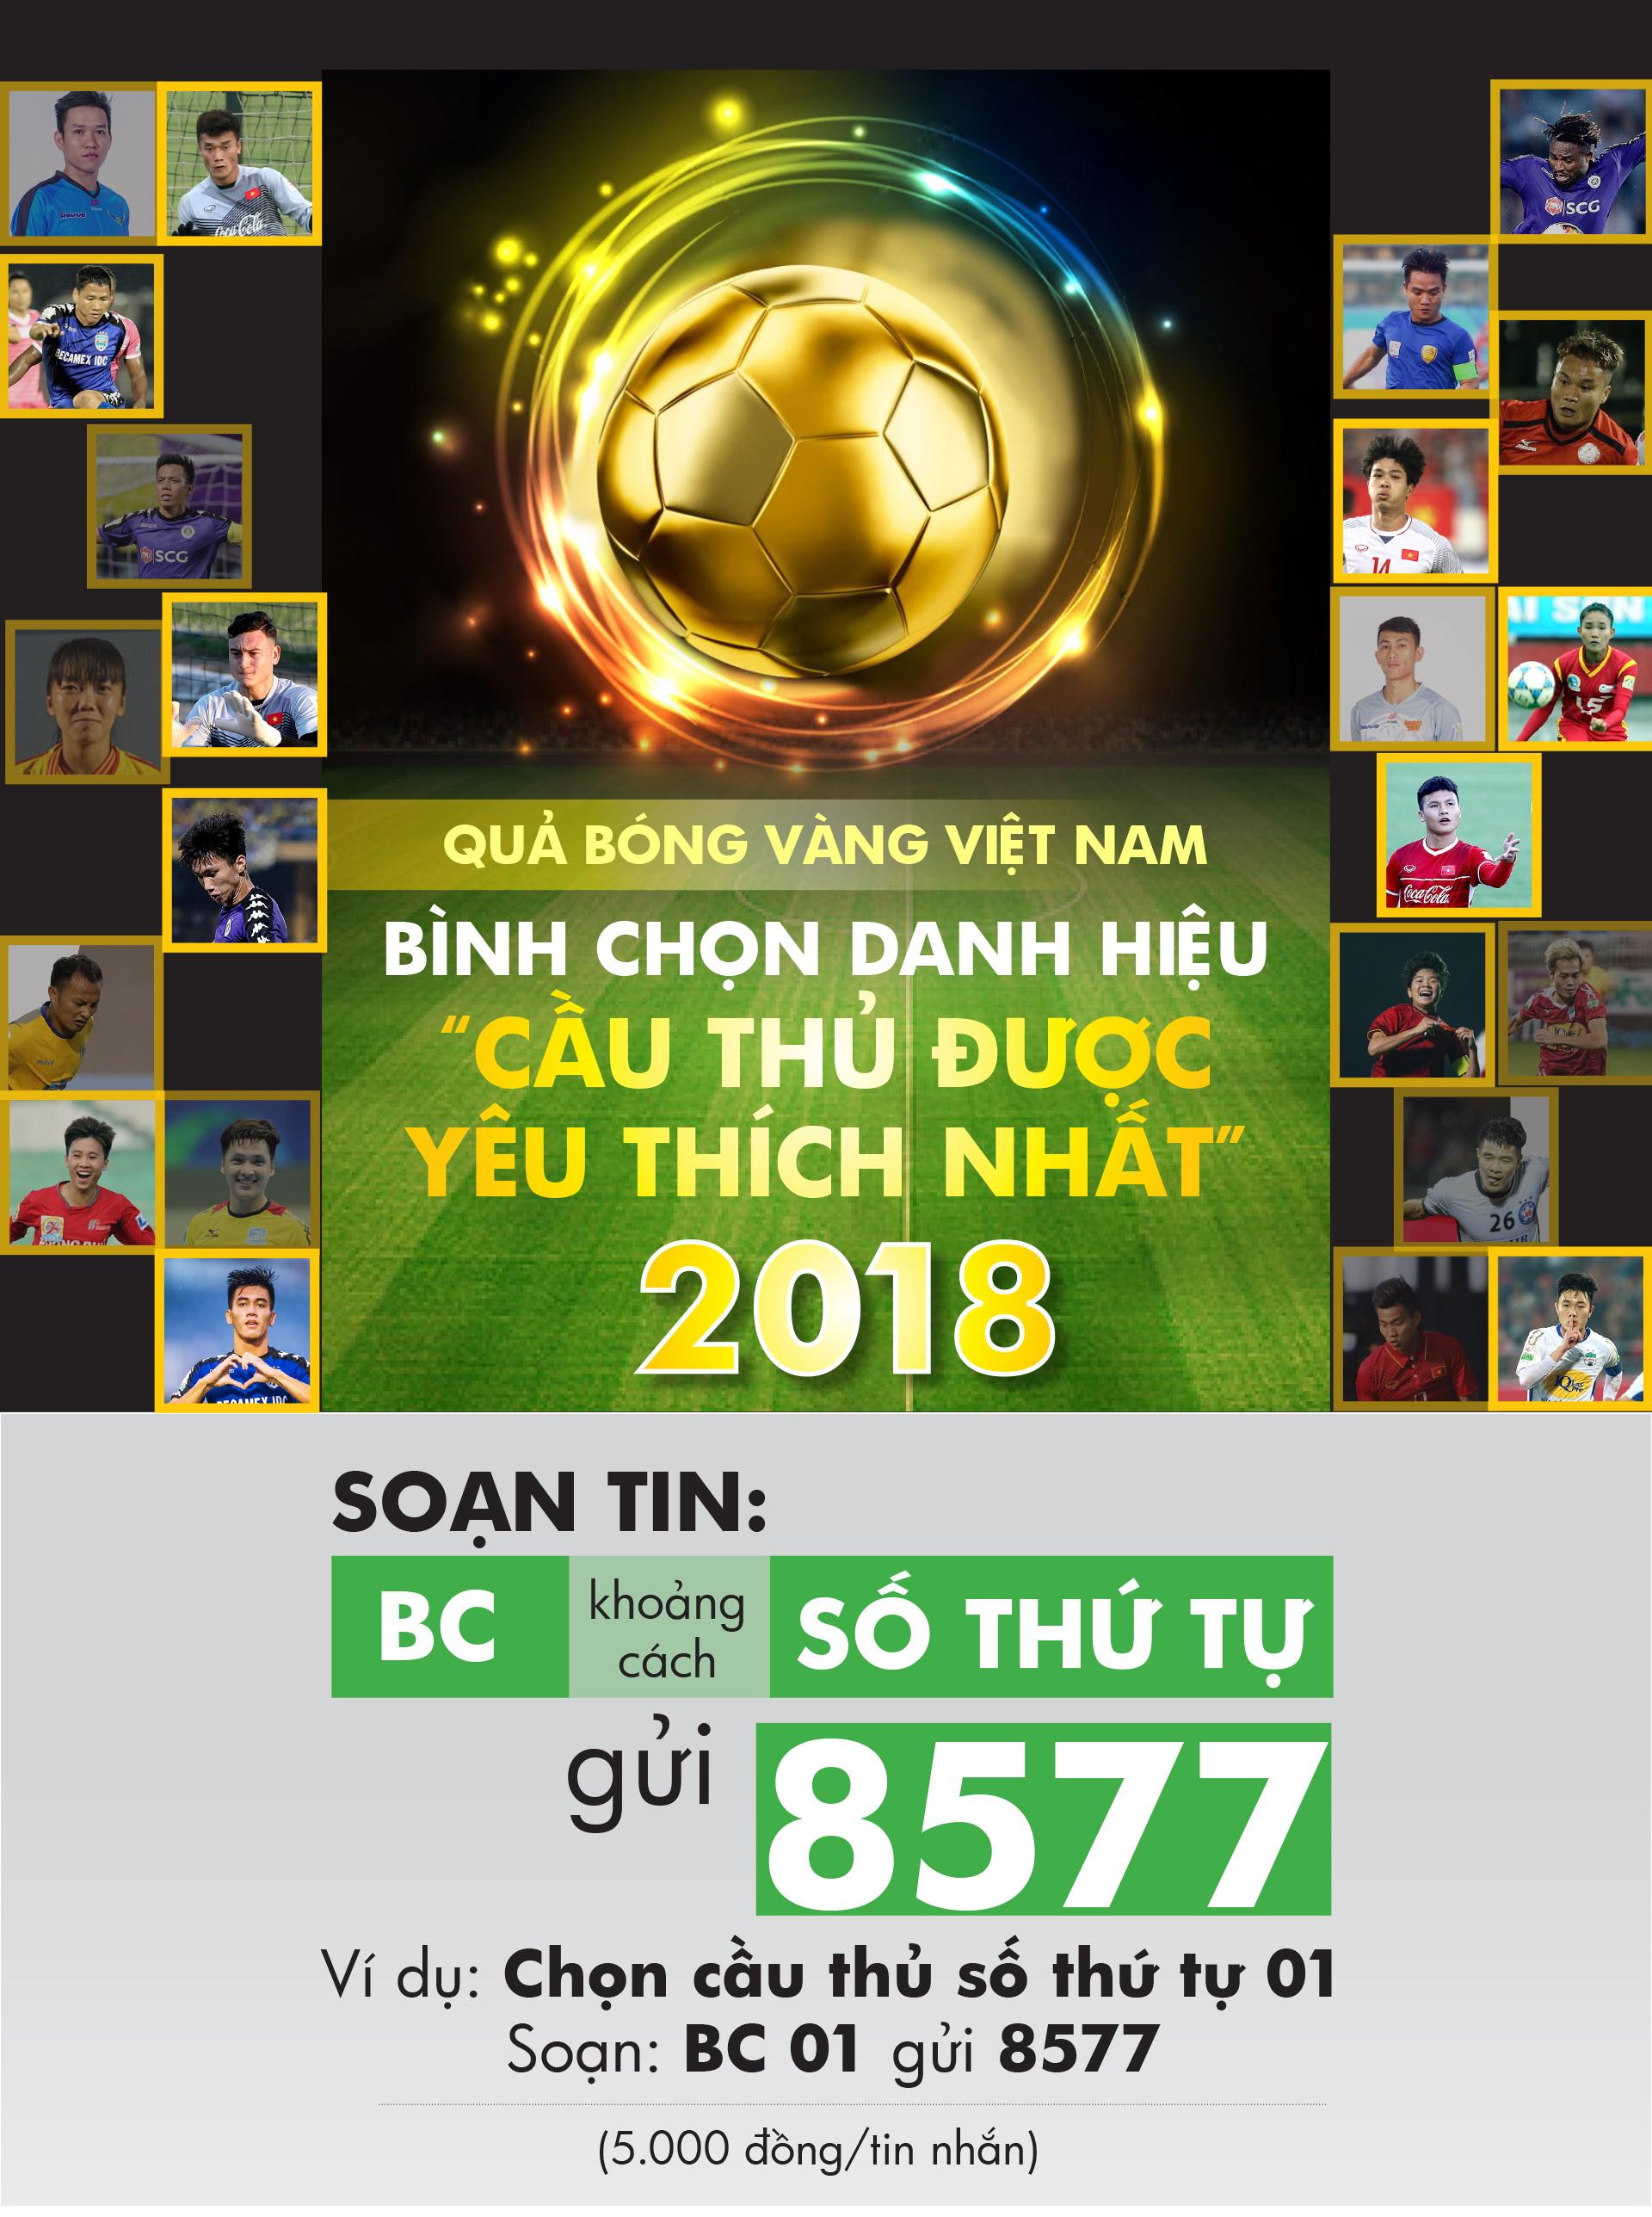 Giải thưởng Cầu thủ được yêu thích nhất năm 2018